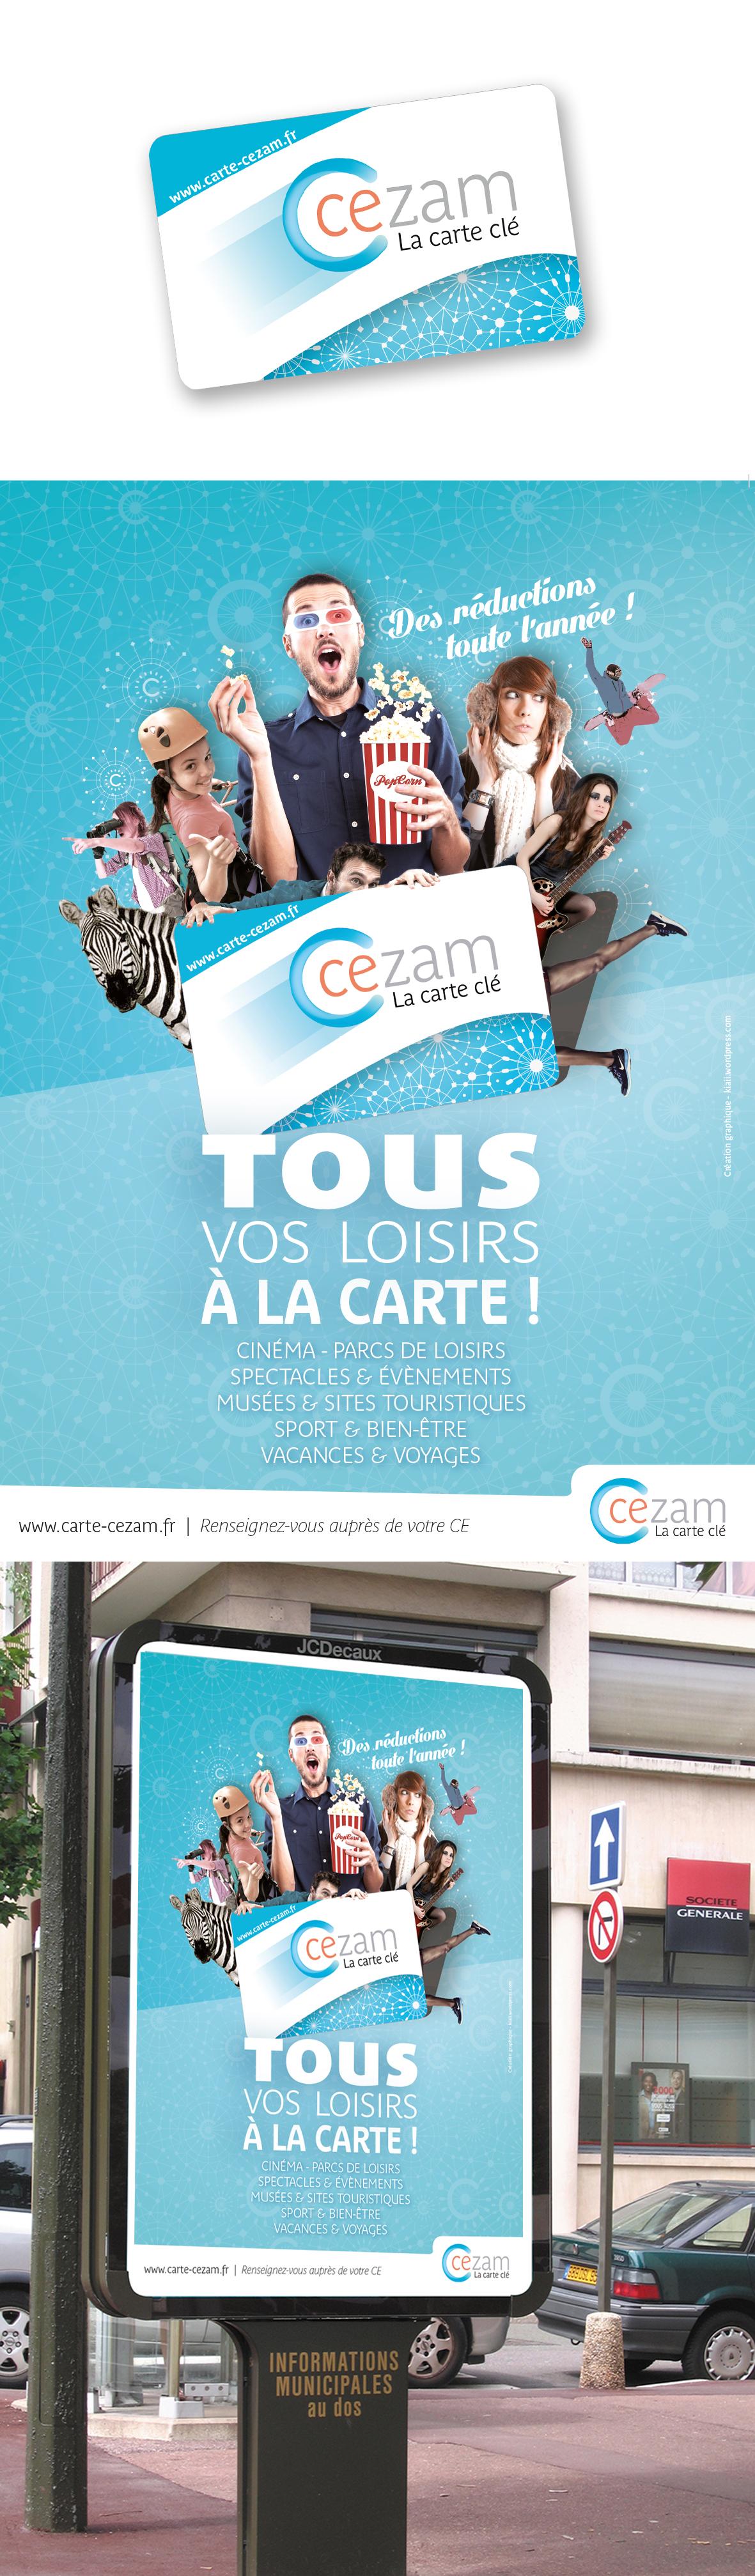 AFFICHE_CARTE CEZAM